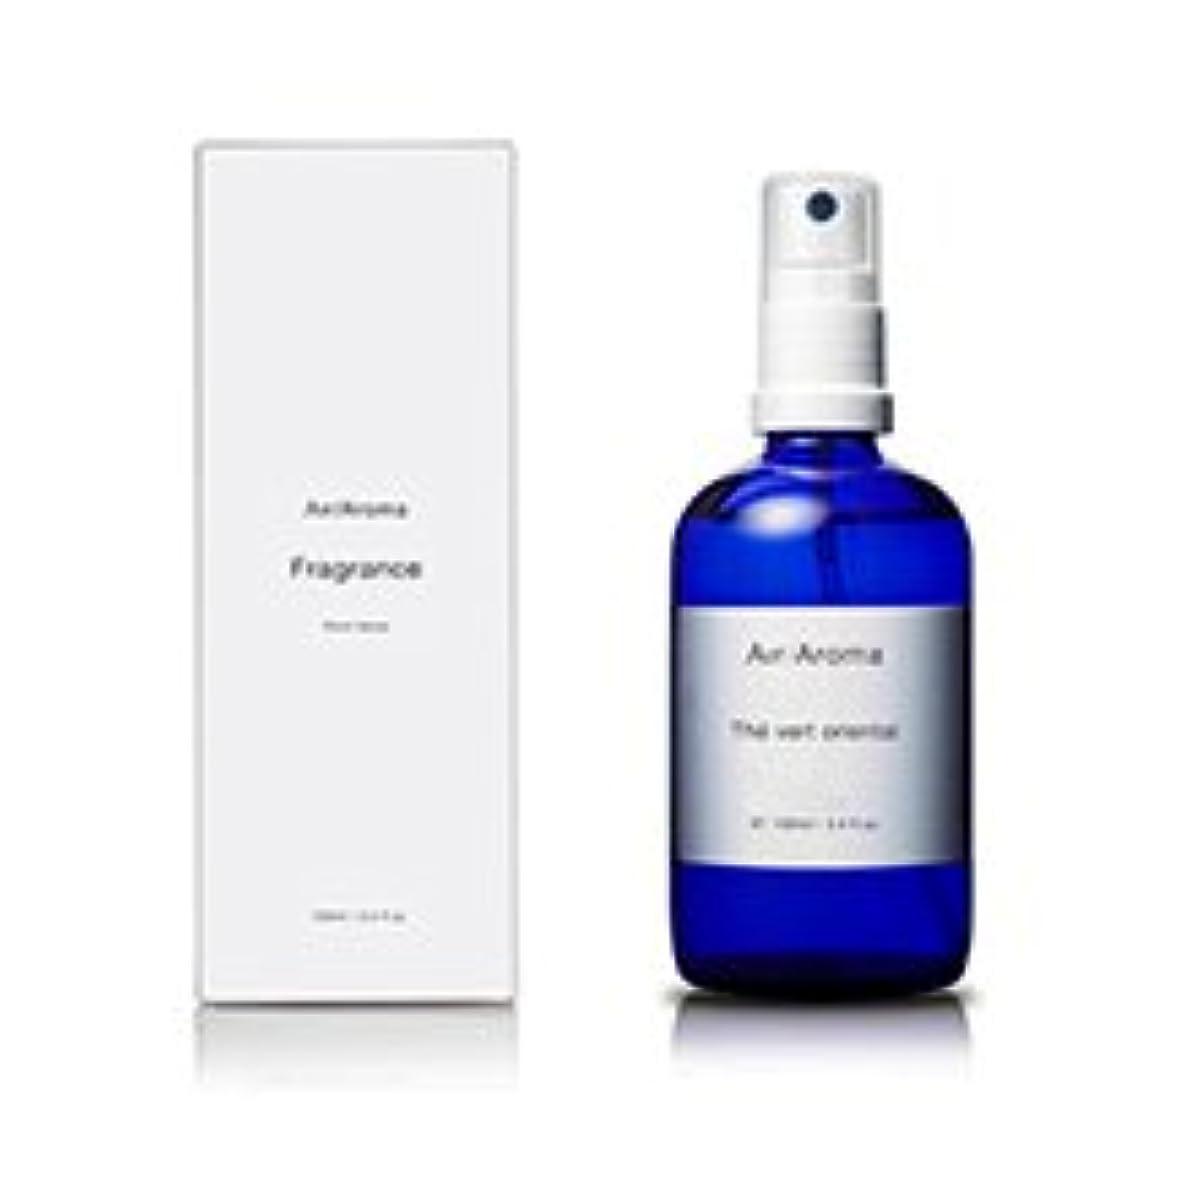 ありふれた香水ビルエアアロマ the vert oriental room fragrance(テヴェールオリエンタル ルームフレグランス) 100ml